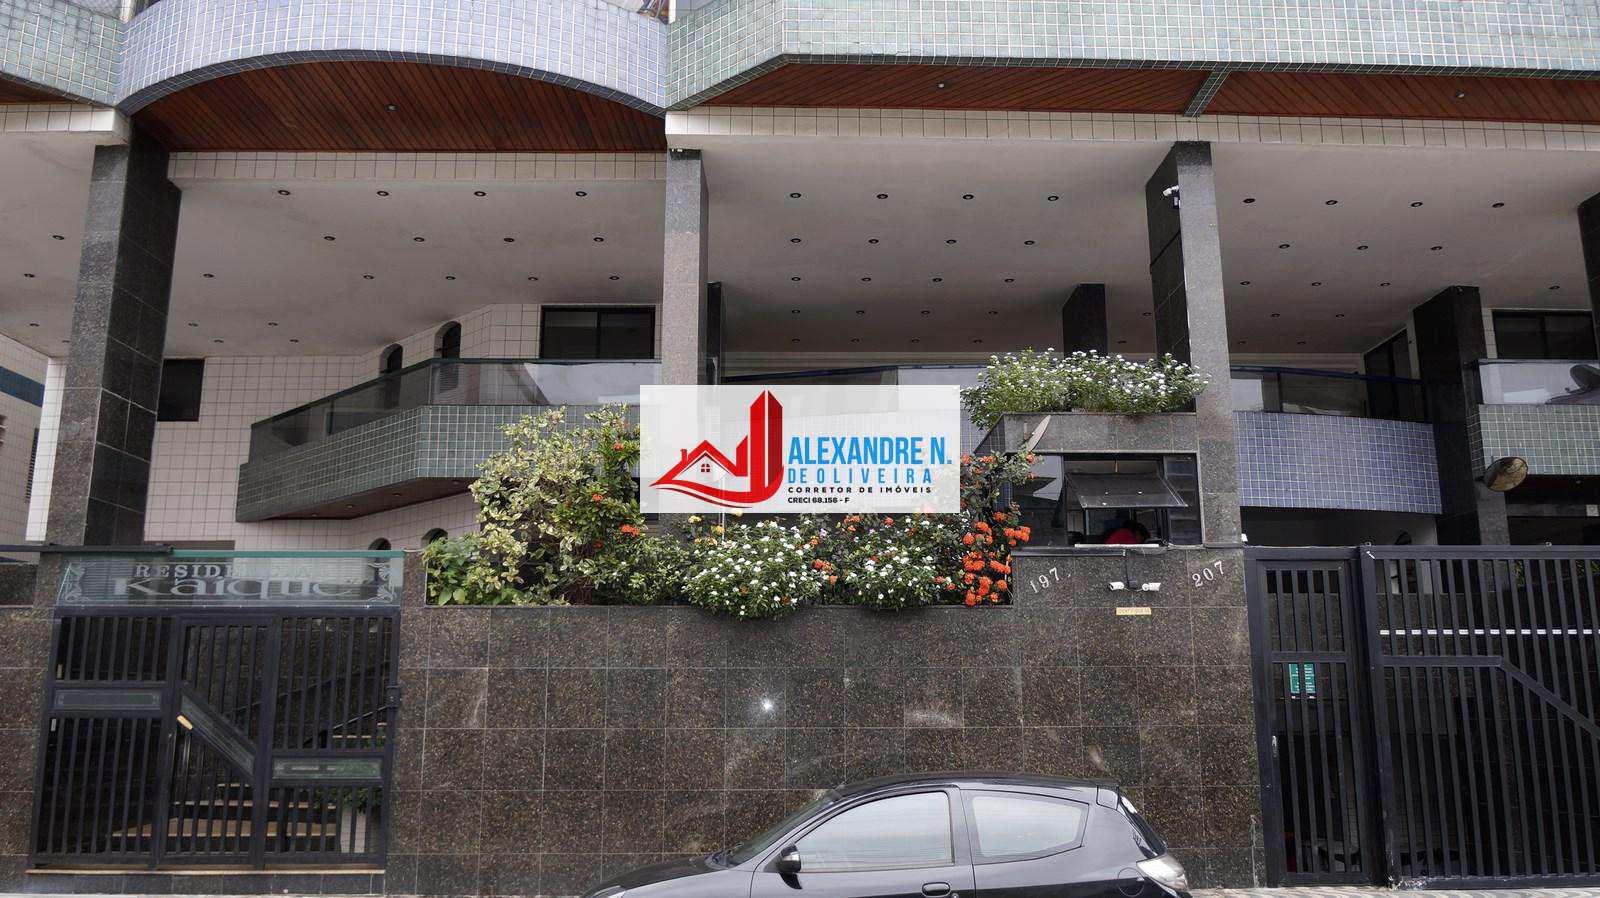 Apto 1 dorm, garagem, elevadores, Ocian, R$ 150 mil, AP00514.